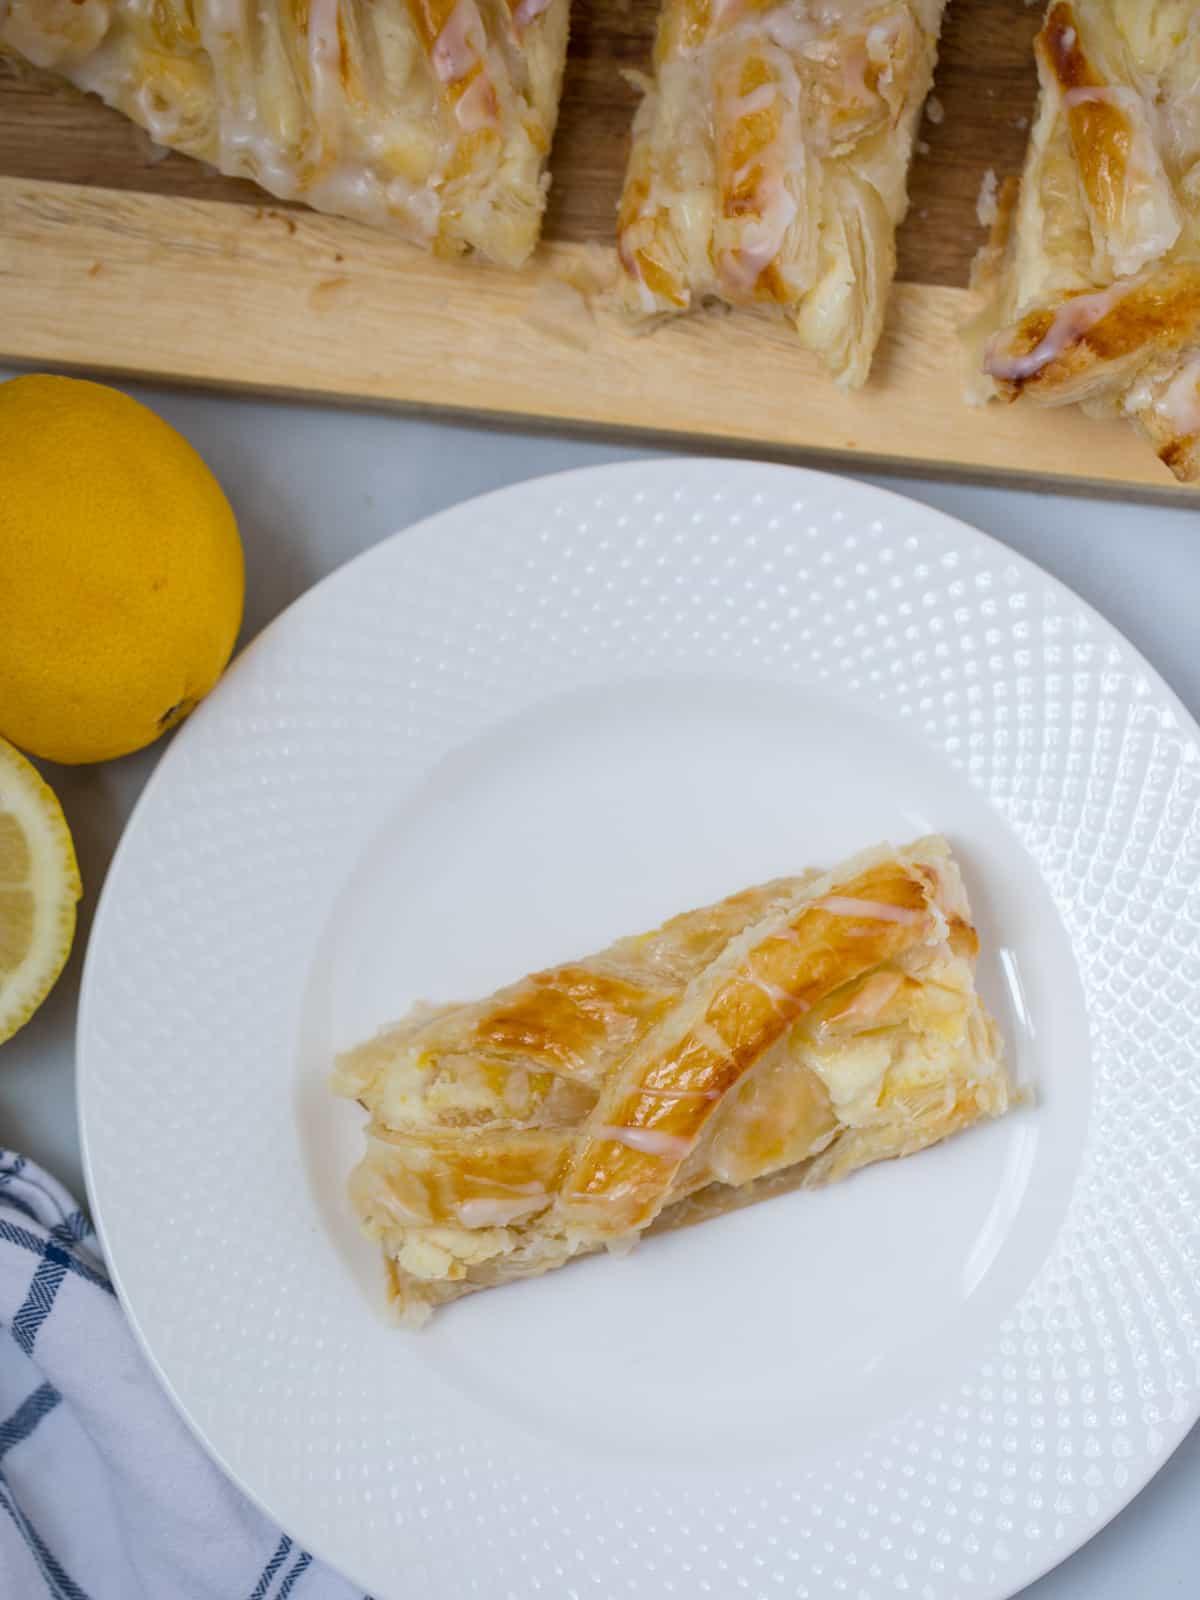 Slice of cream cheese danish on white plate.